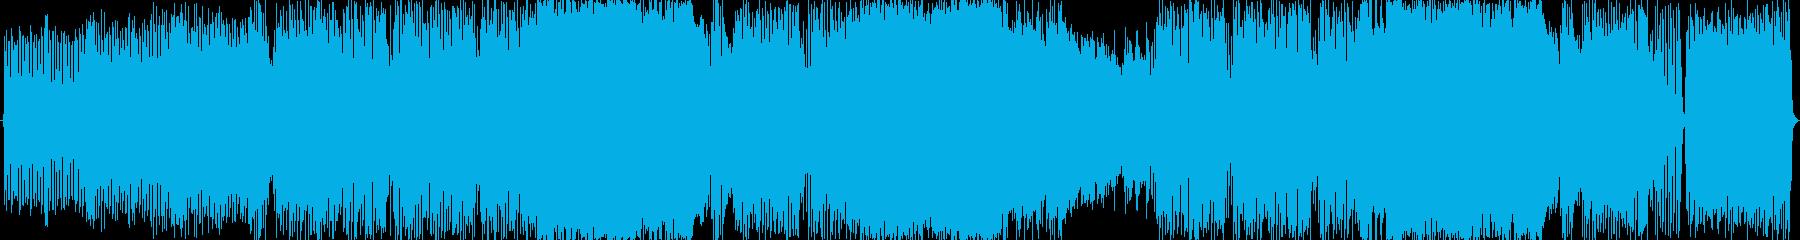 ツーバス 激しいリズムの和風ロックの再生済みの波形